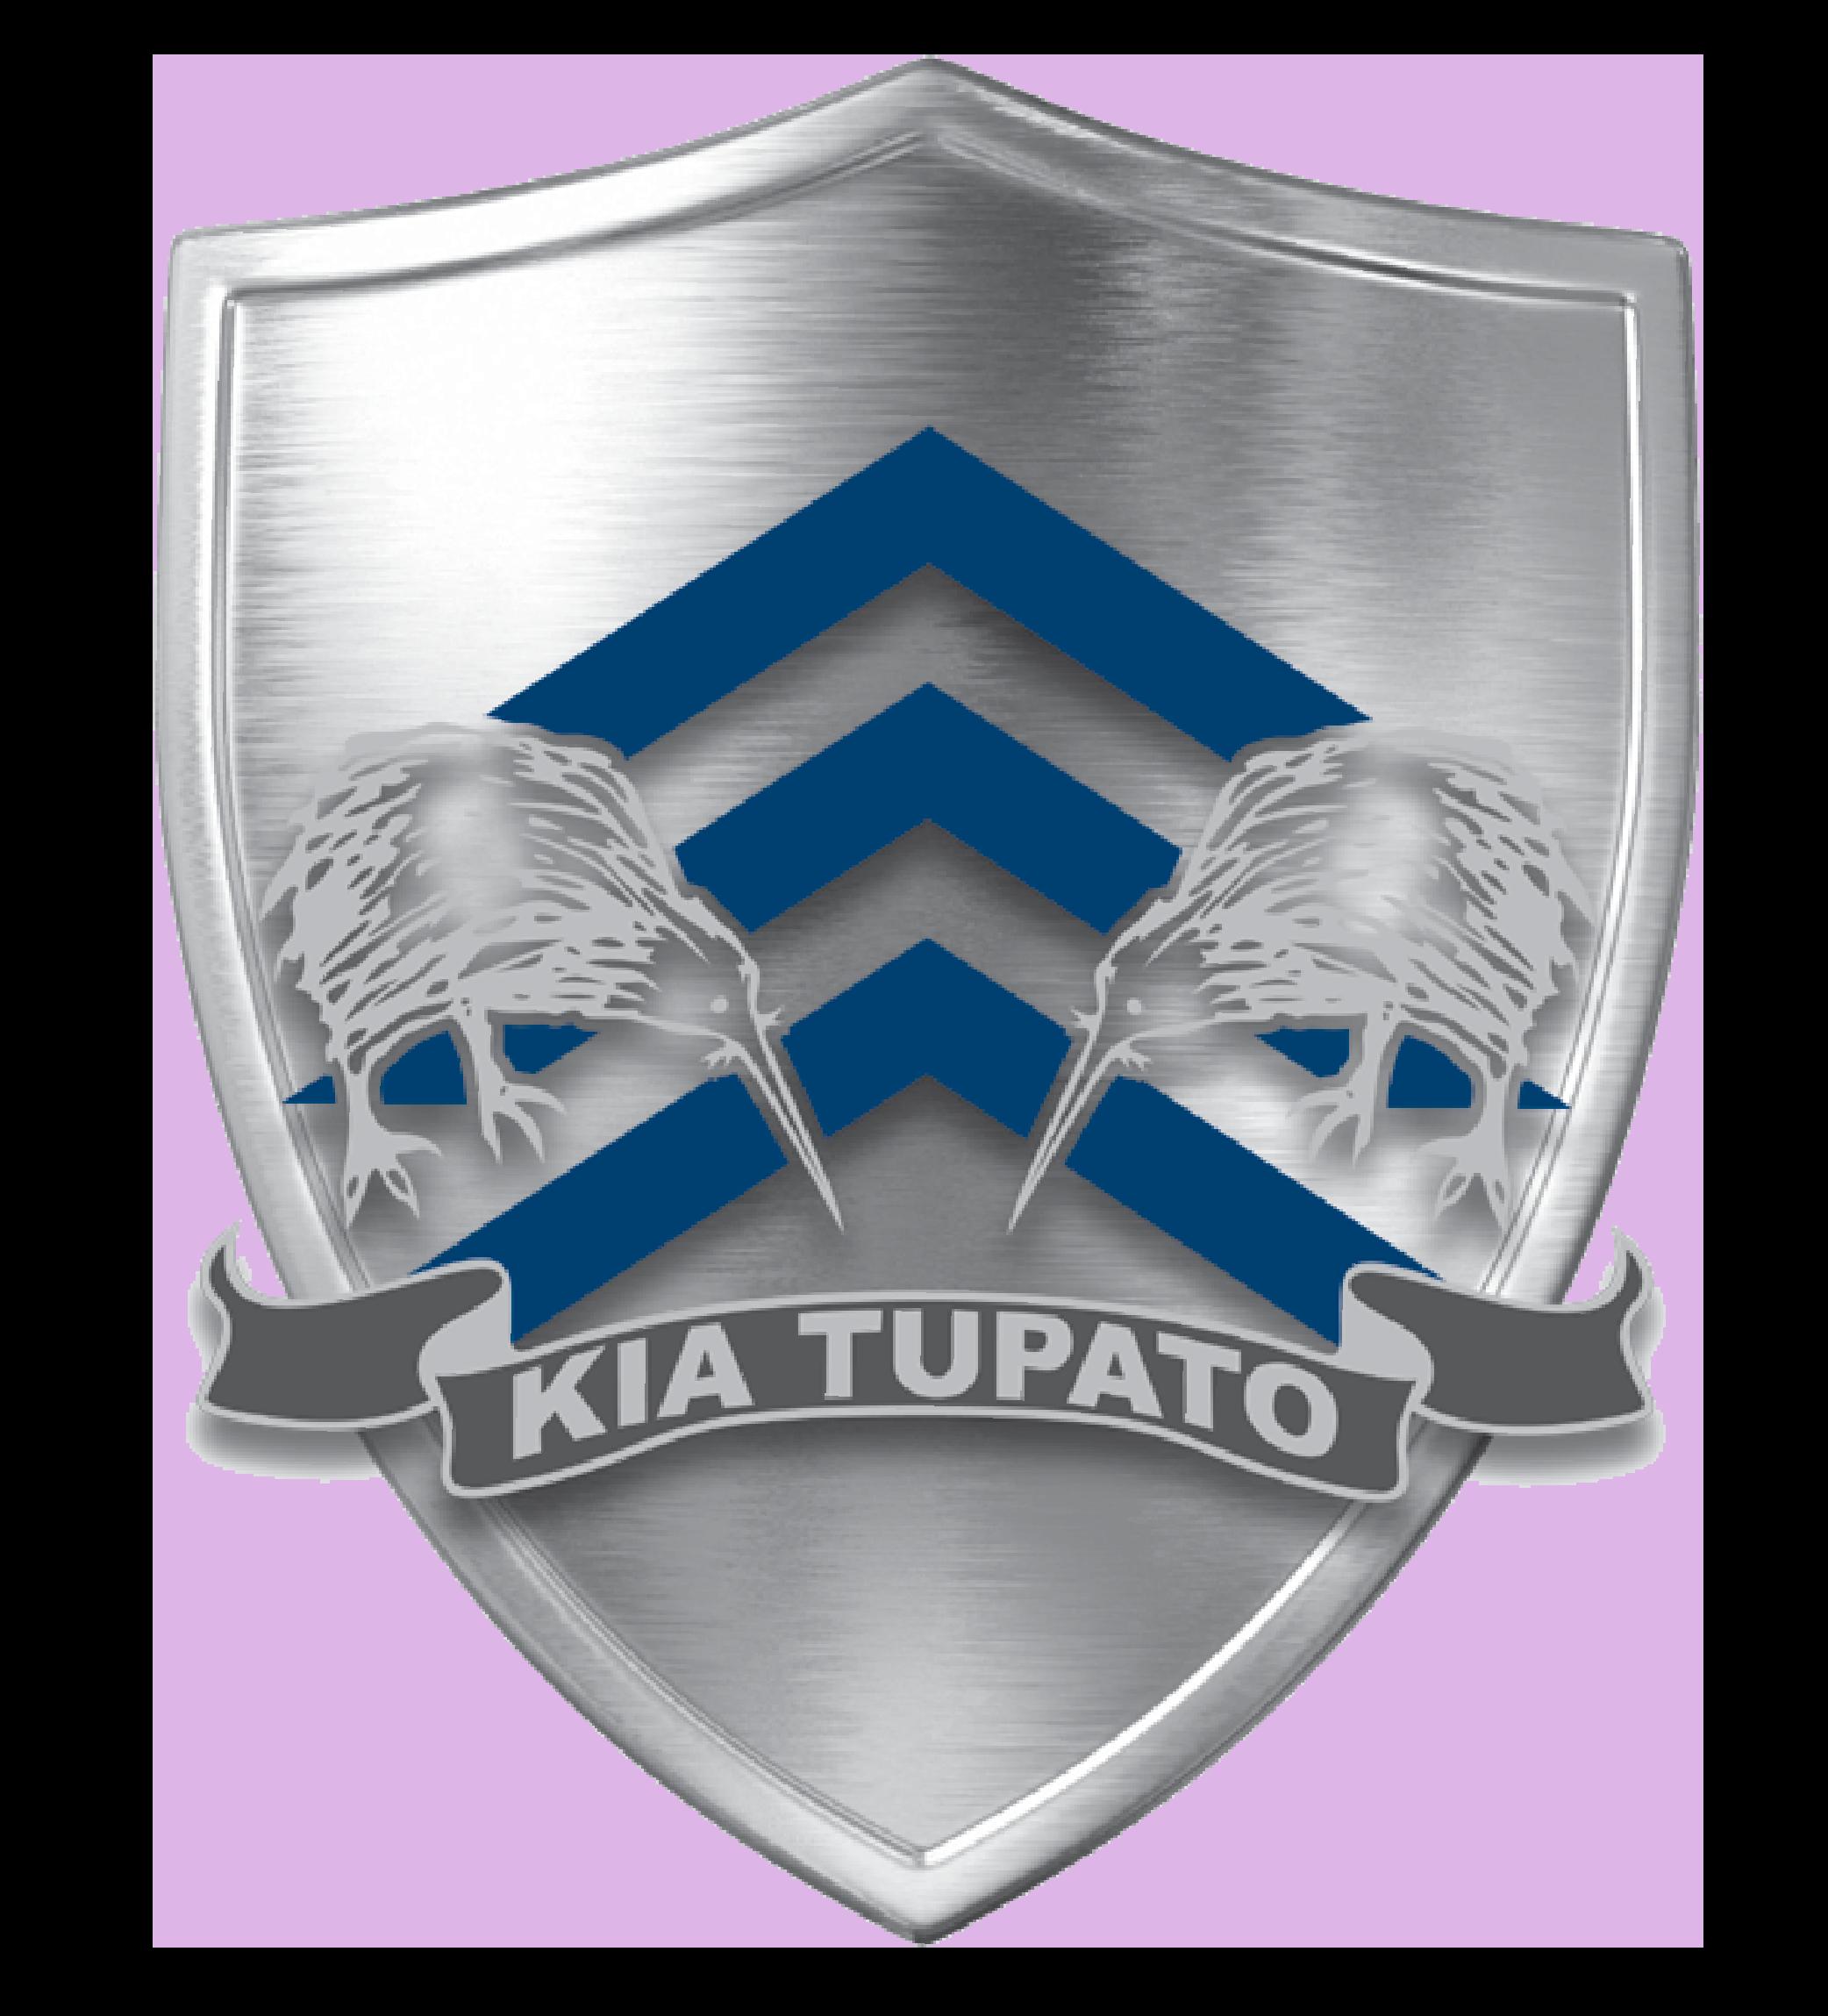 Kia Tupato